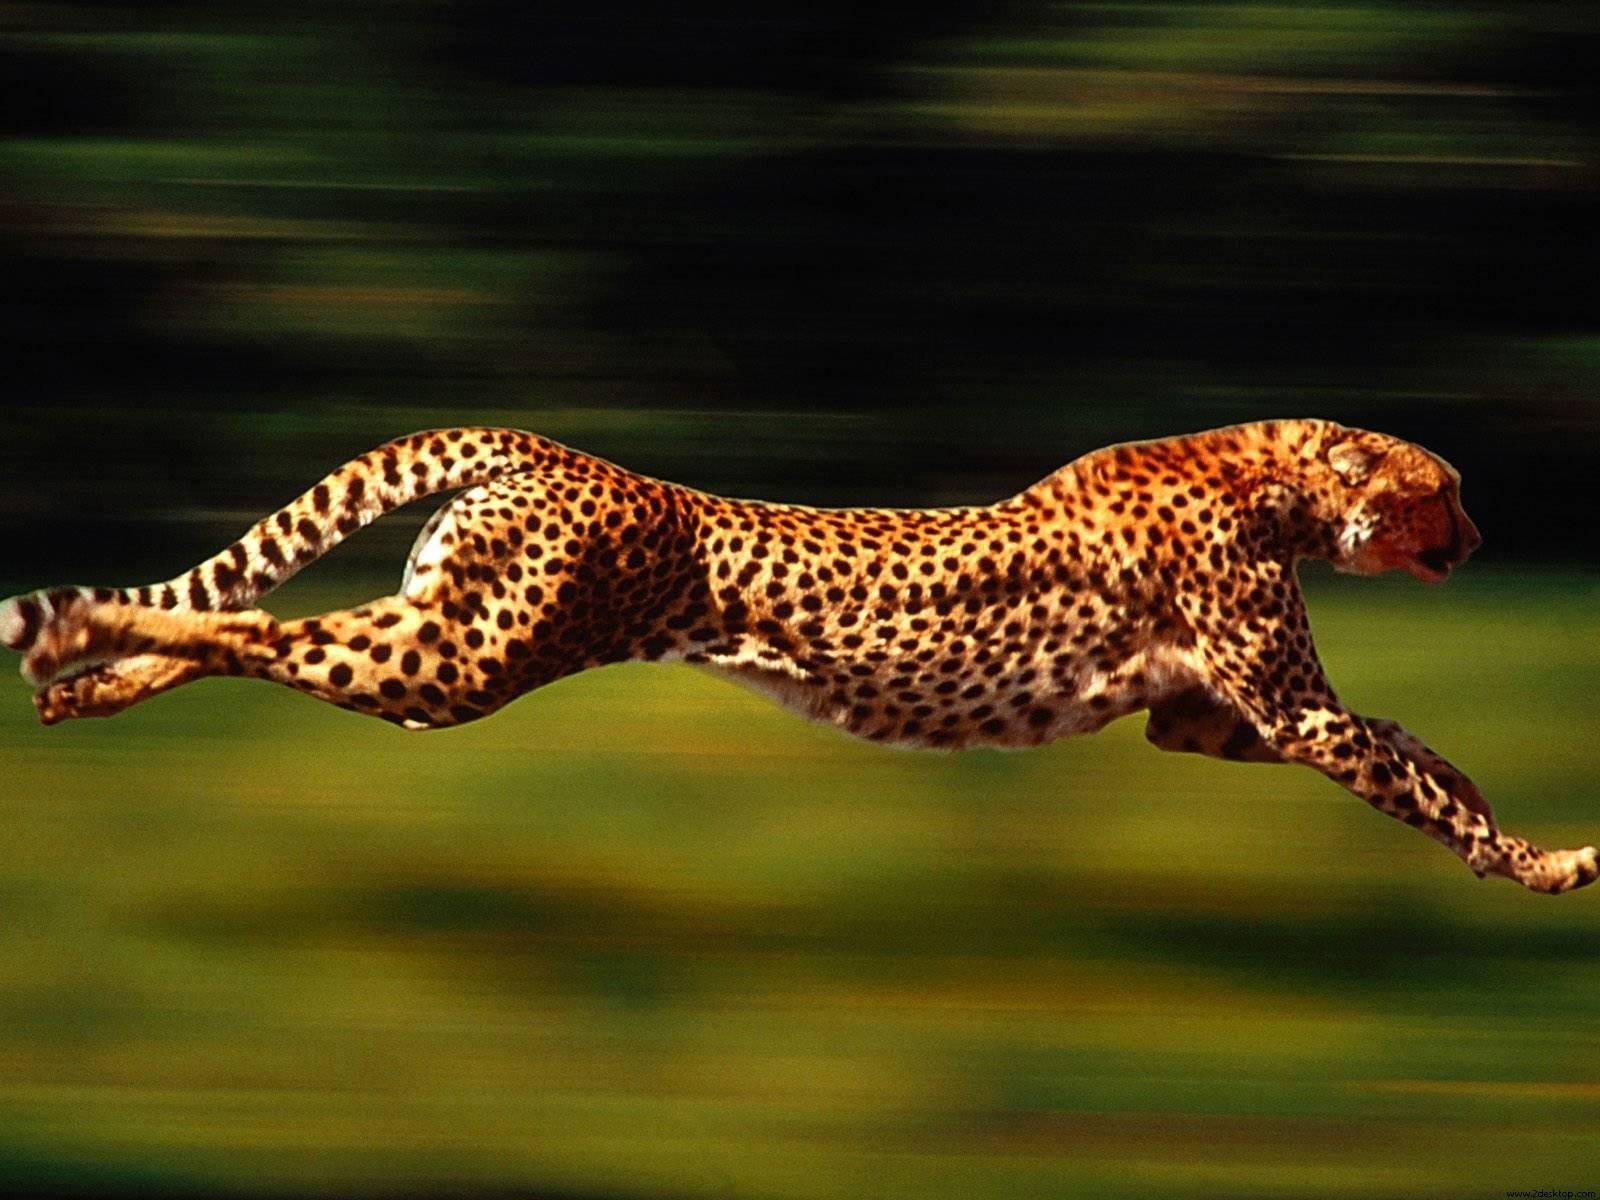 05b444ced7279548150d_Cheetah.jpg